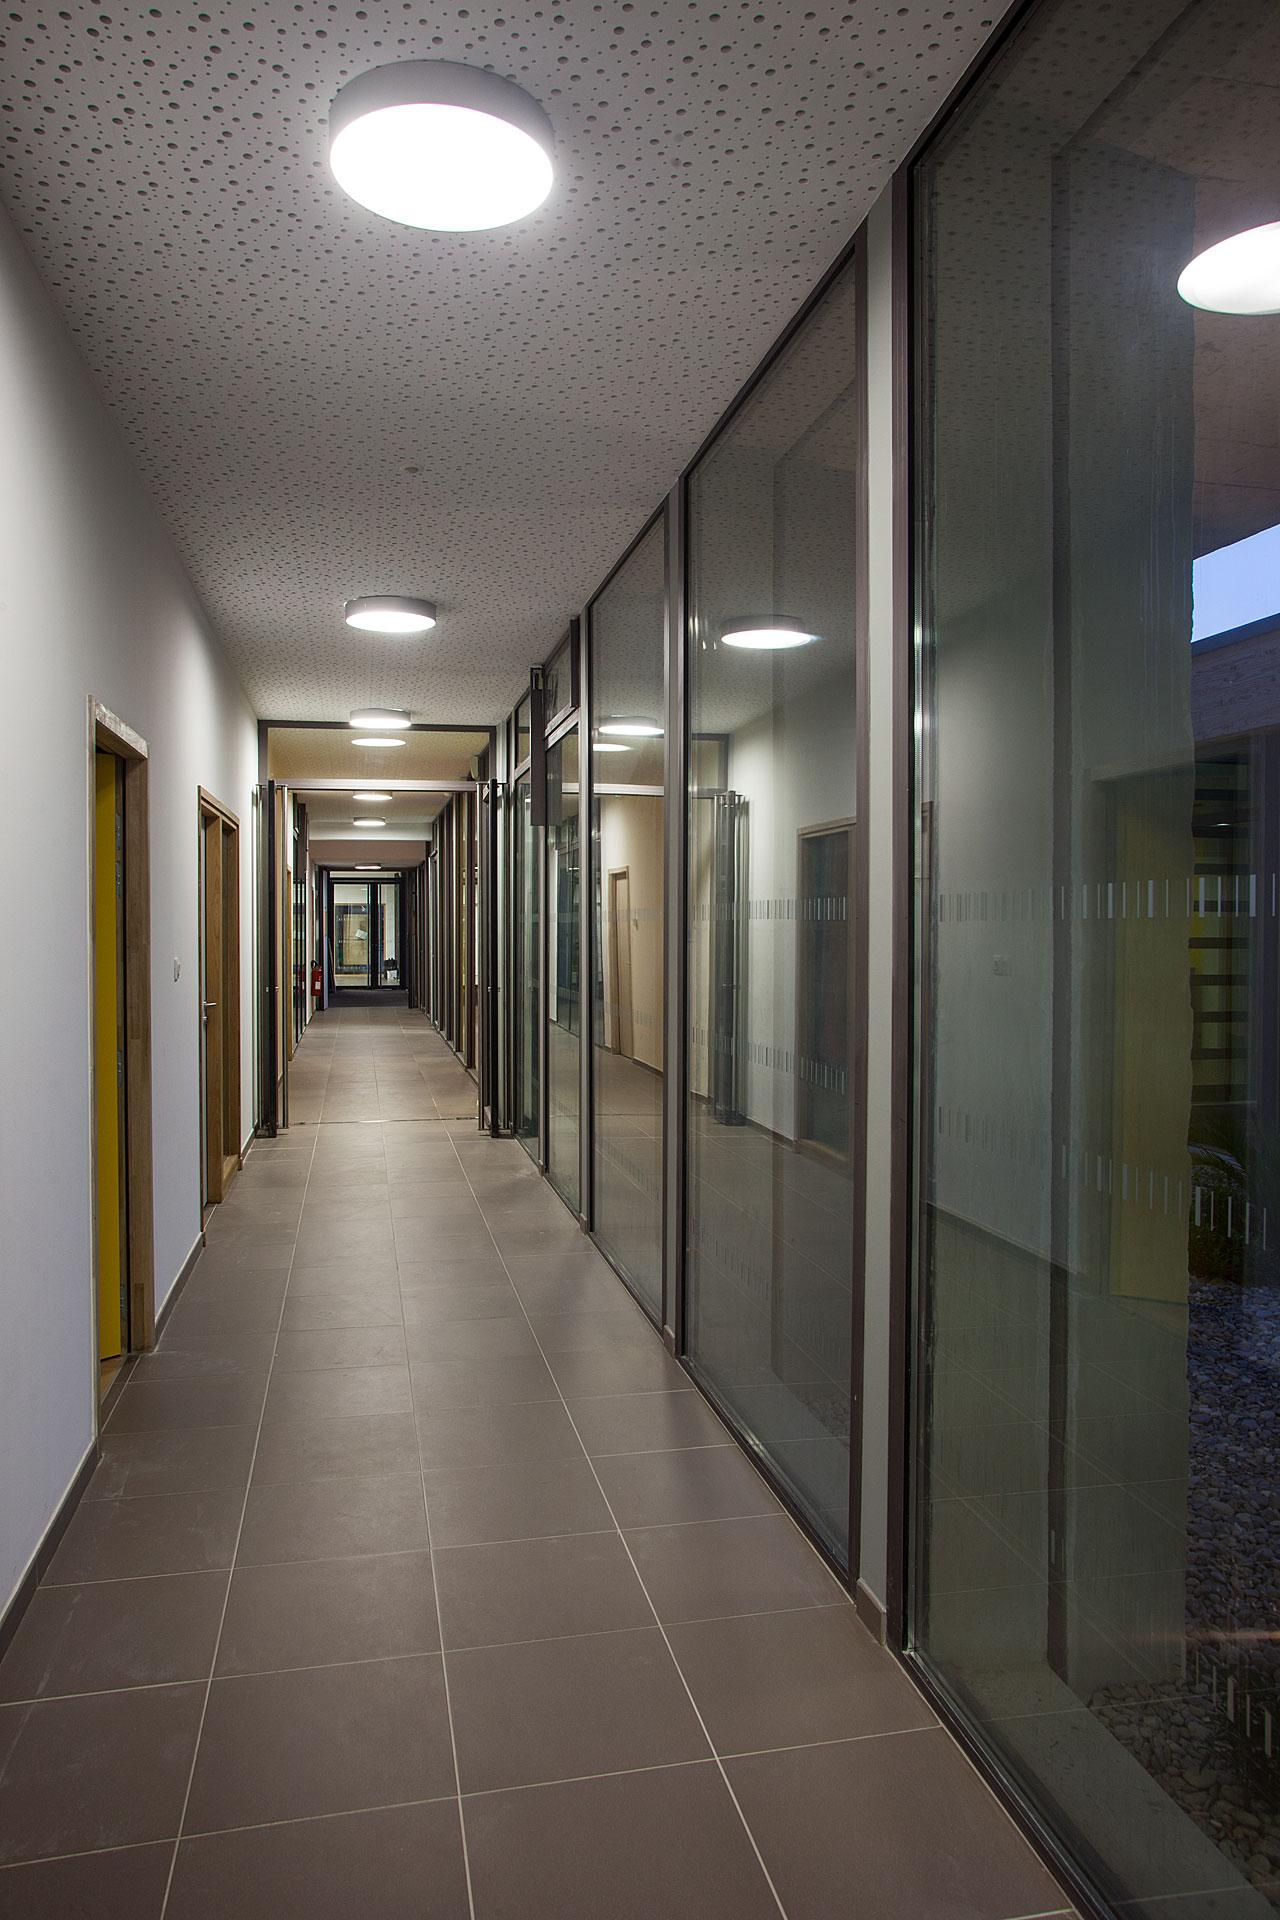 Eclairage d'un couloir du Pole enseignement Loisir Jeunesse de Bouc bel air